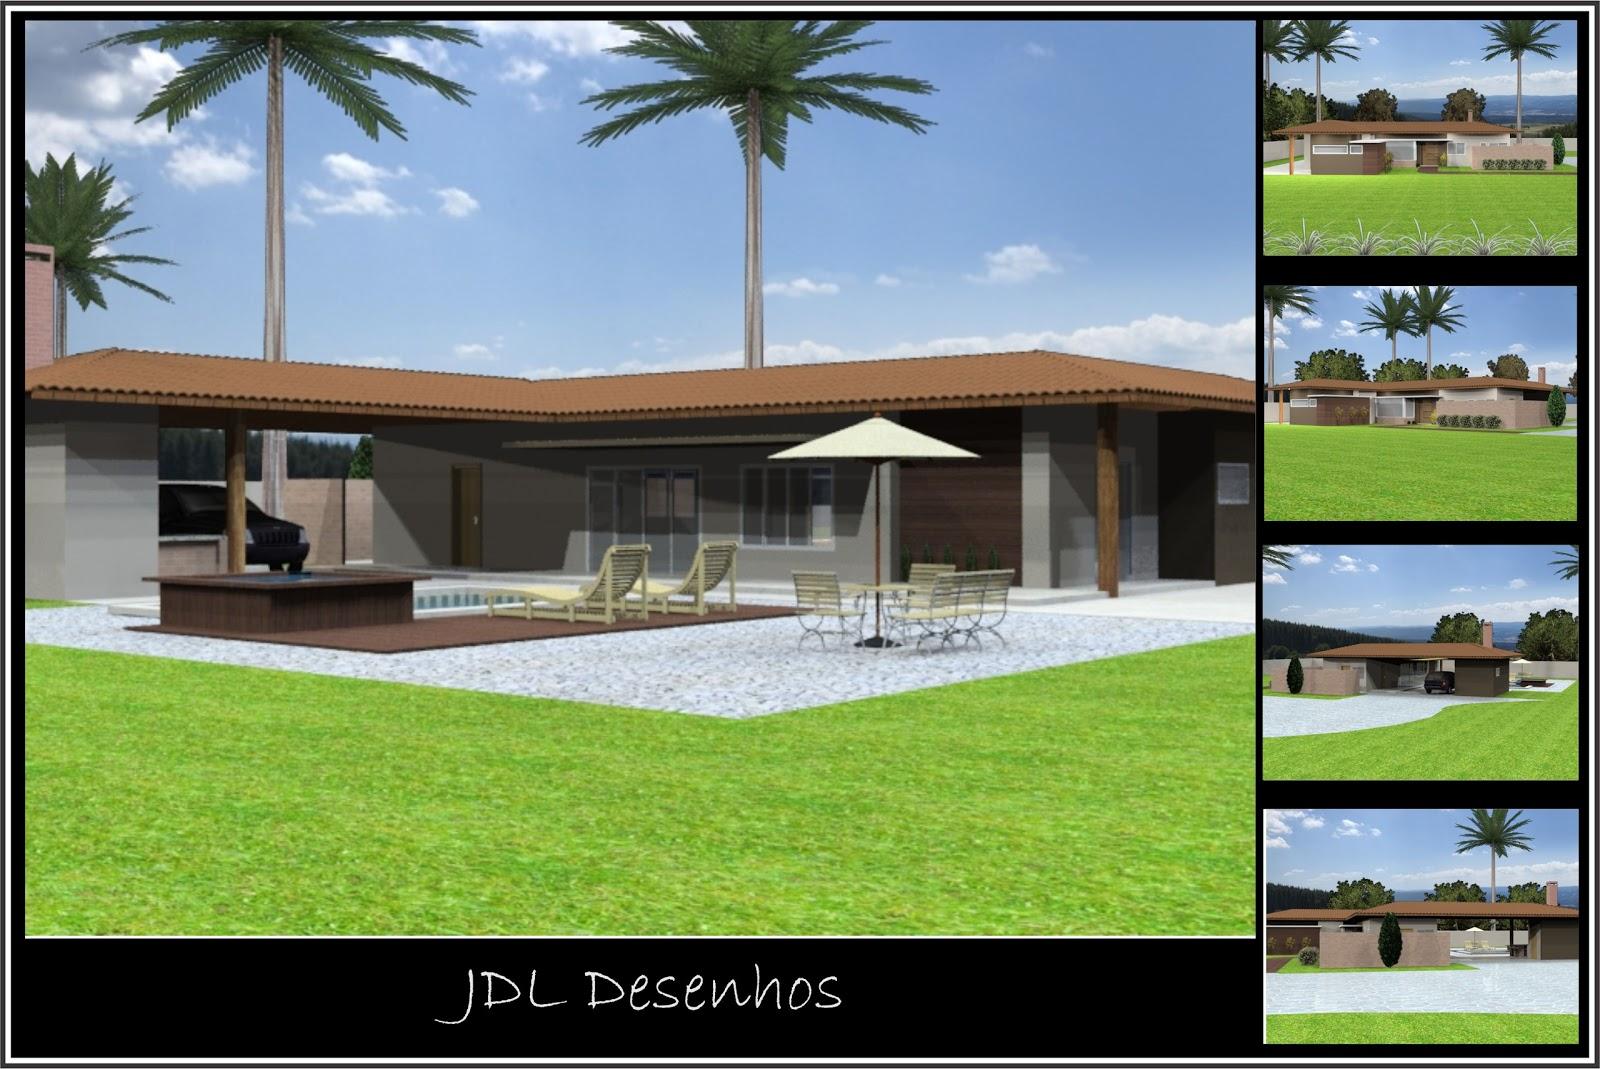 Jdl Desenhos: Casa Projeto Edilson Reis #739932 1600 1069